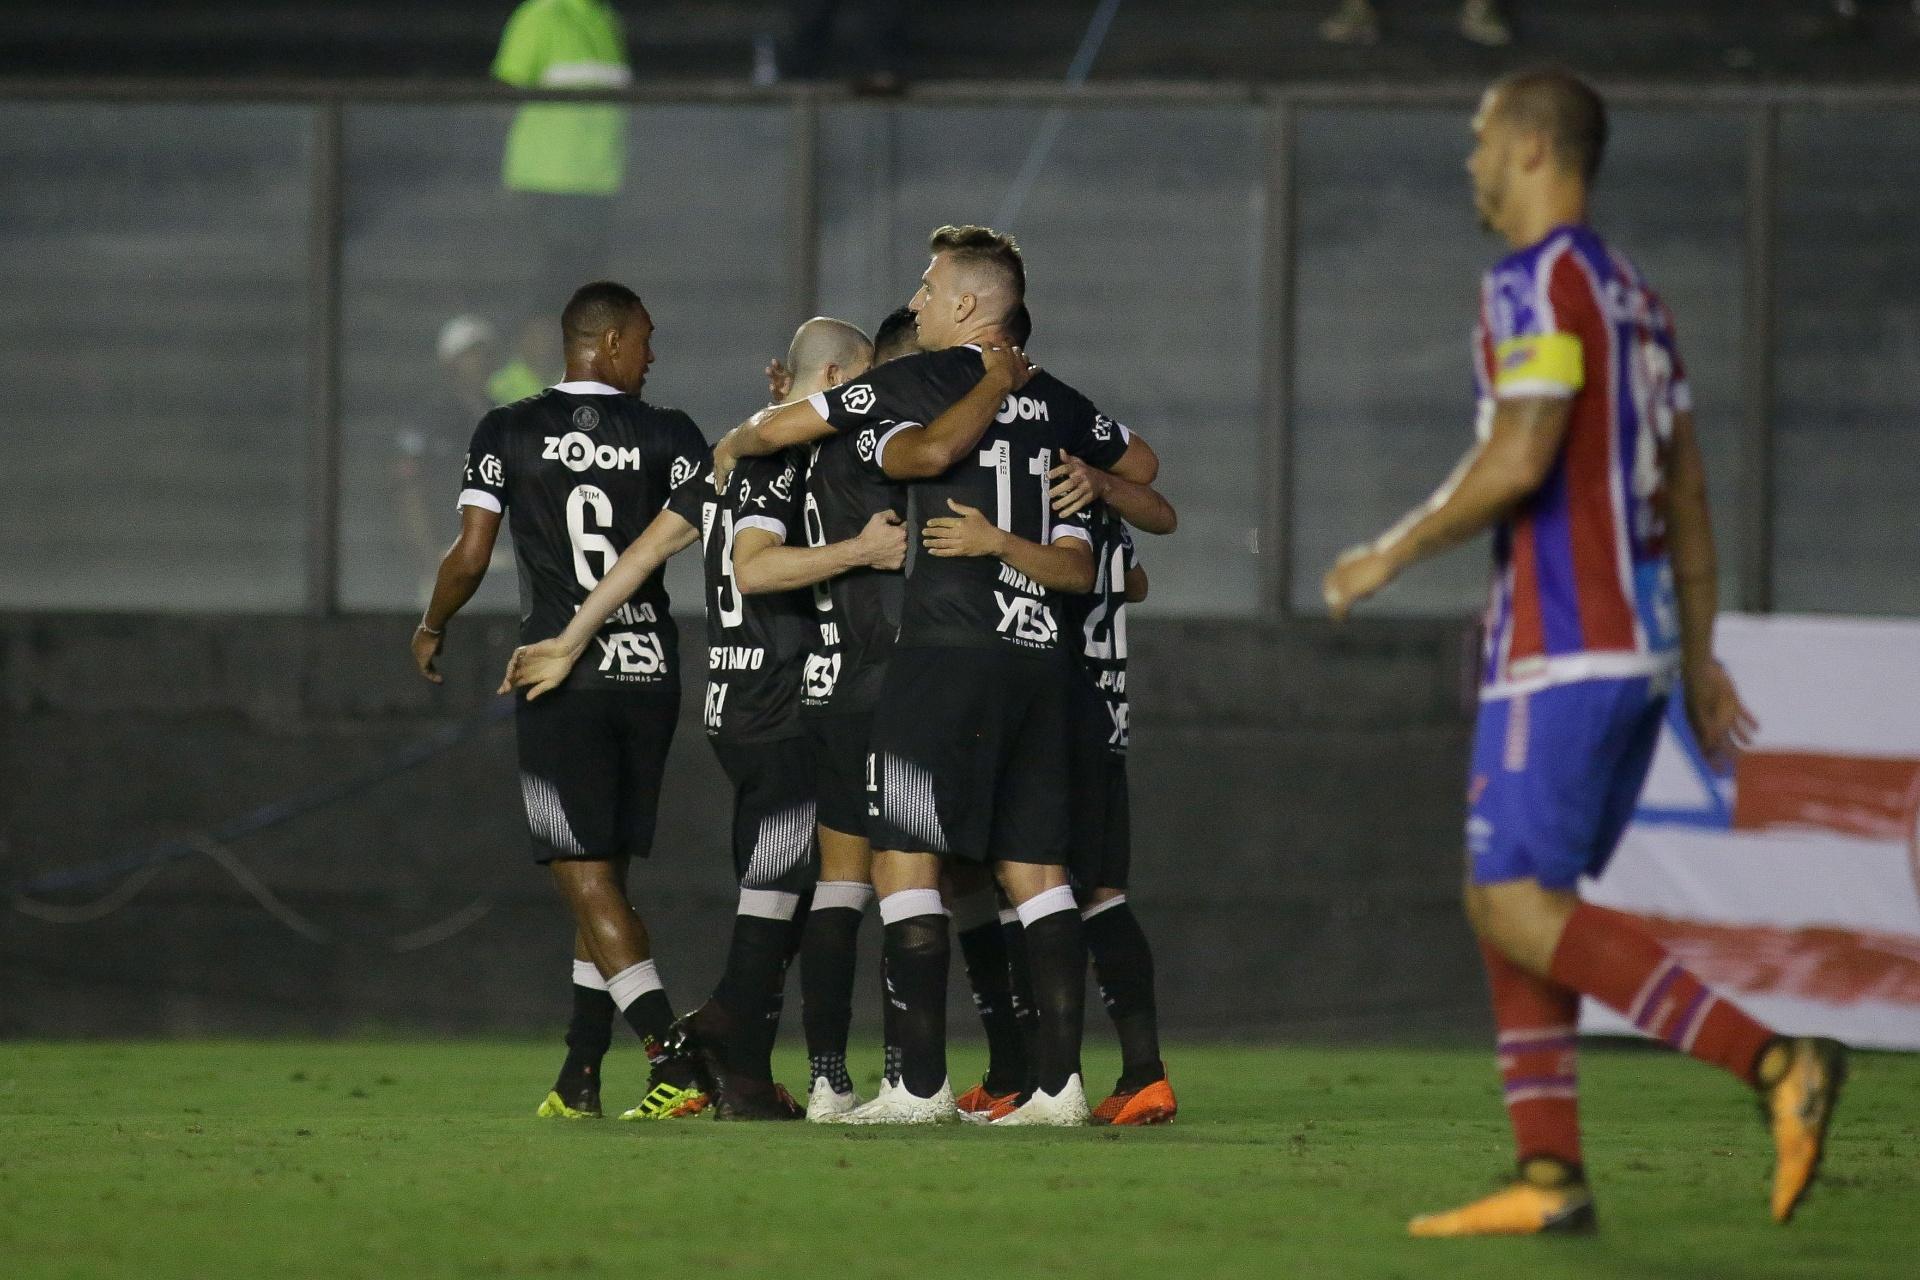 Vasco vence Bahia de maneira dramática e sai da zona de rebaixamento -  24 09 2018 - UOL Esporte 1ce576e214b46